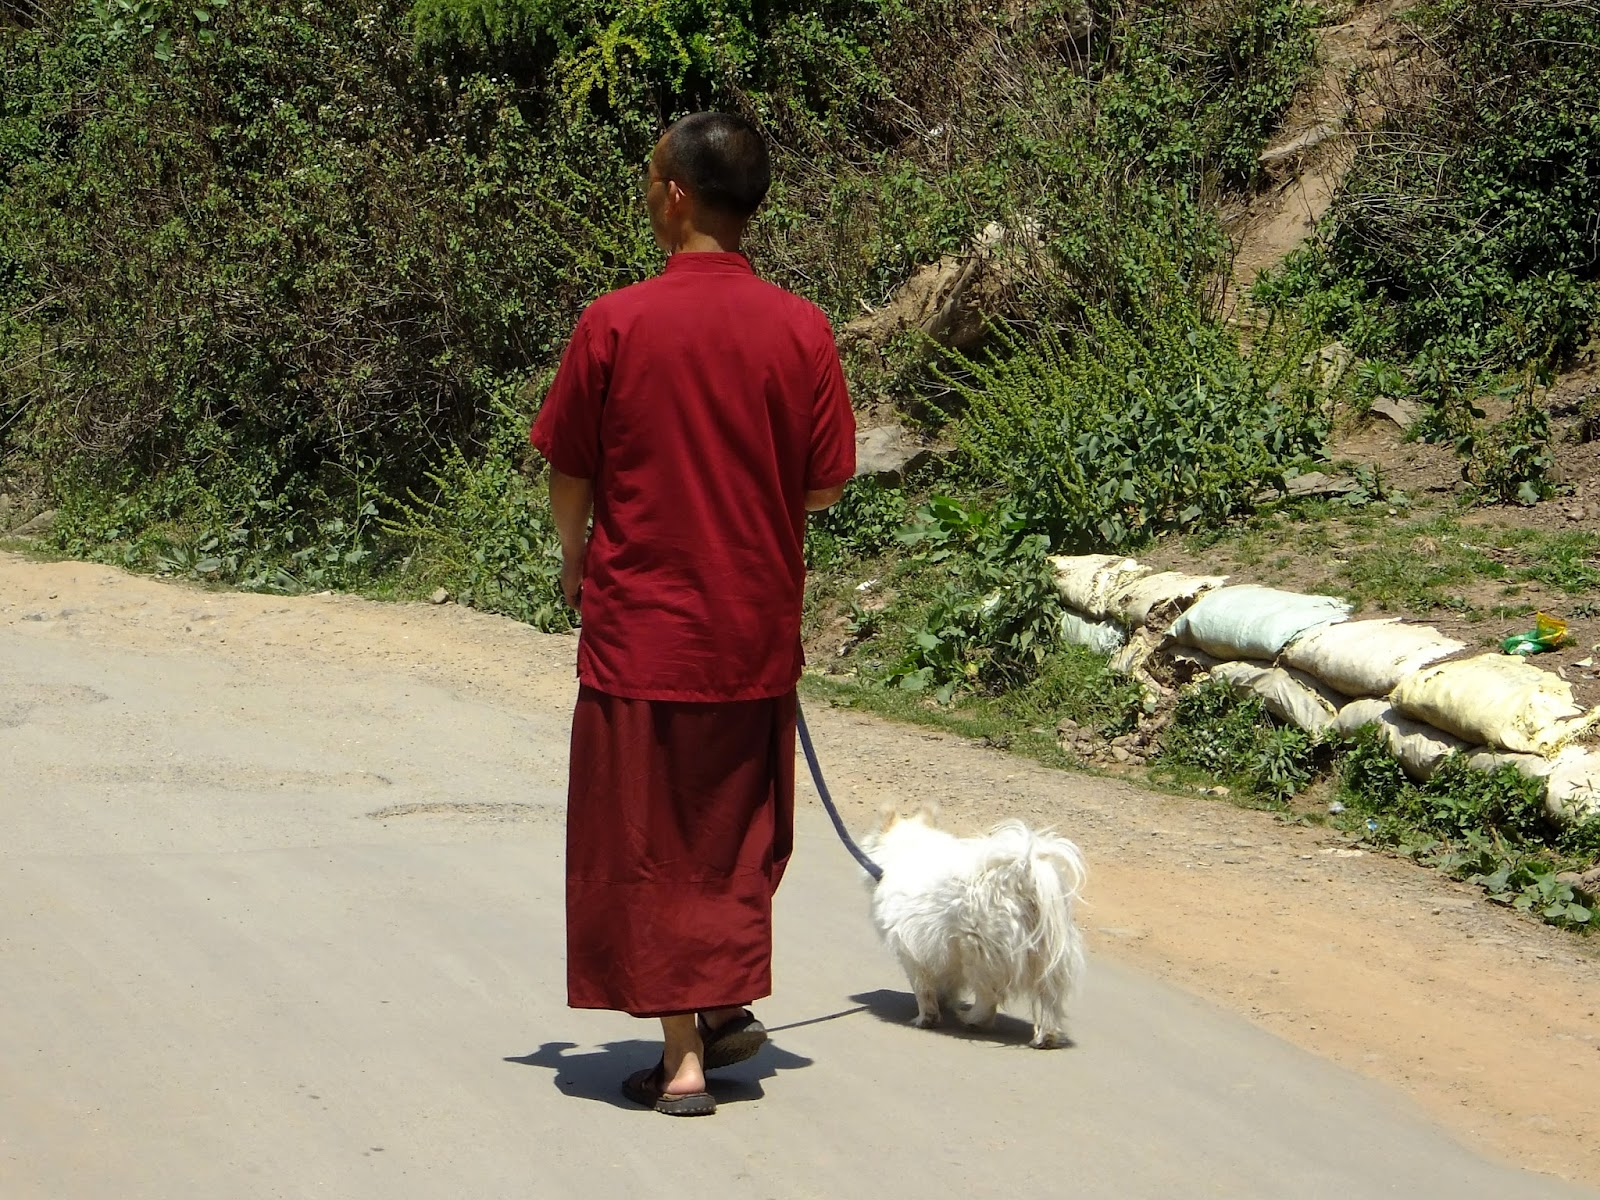 буддисткий монах гуляет с собакой